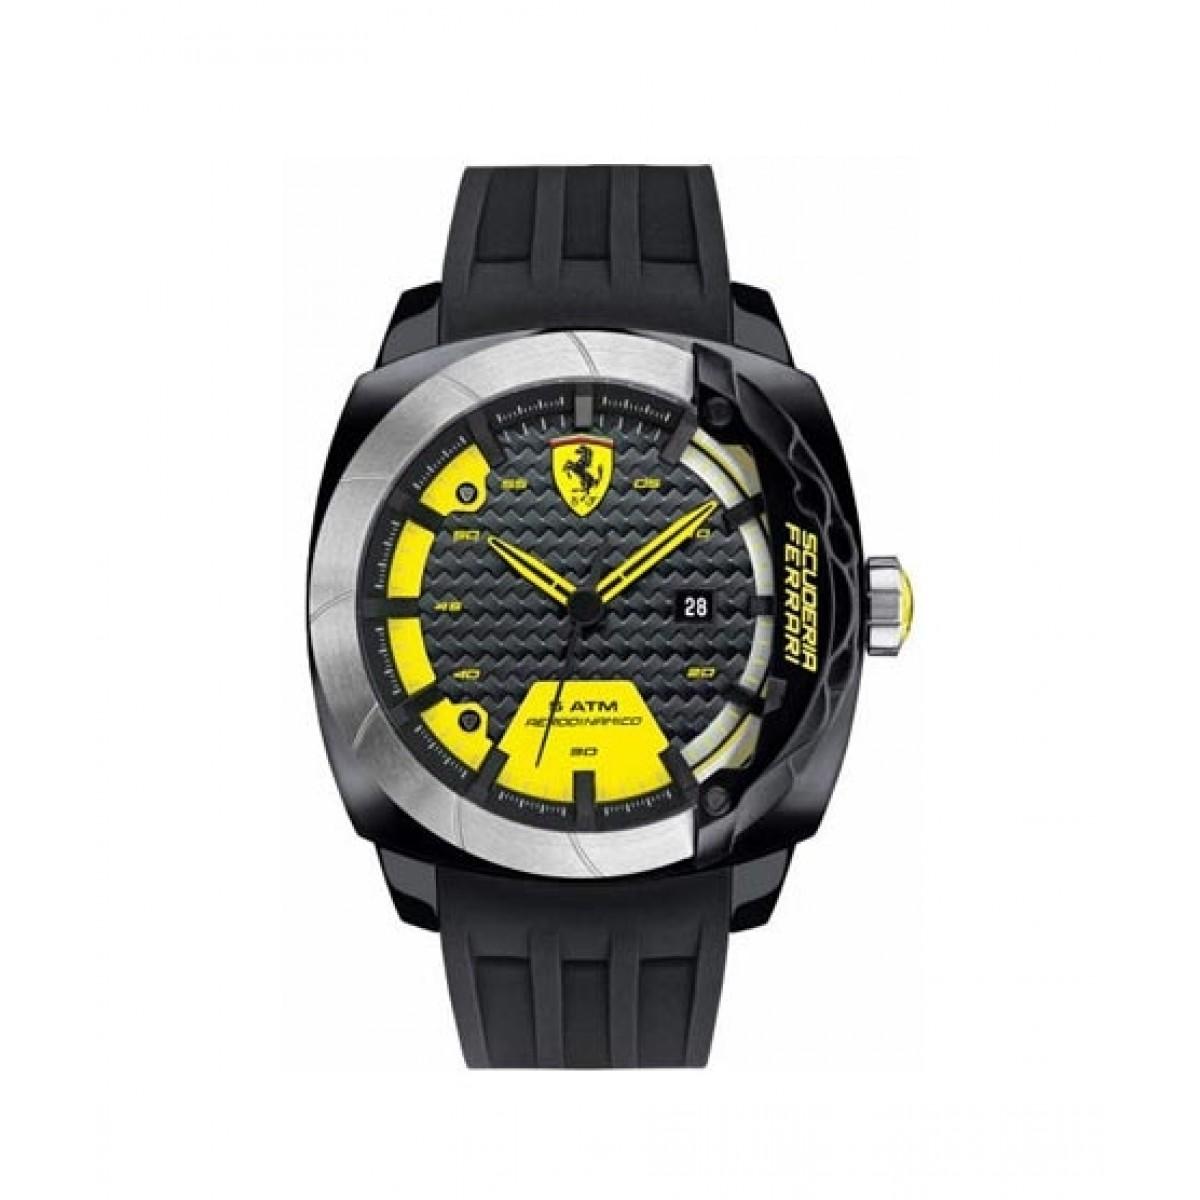 Ferrari Aerodinamico Men's Watch Black (830204)